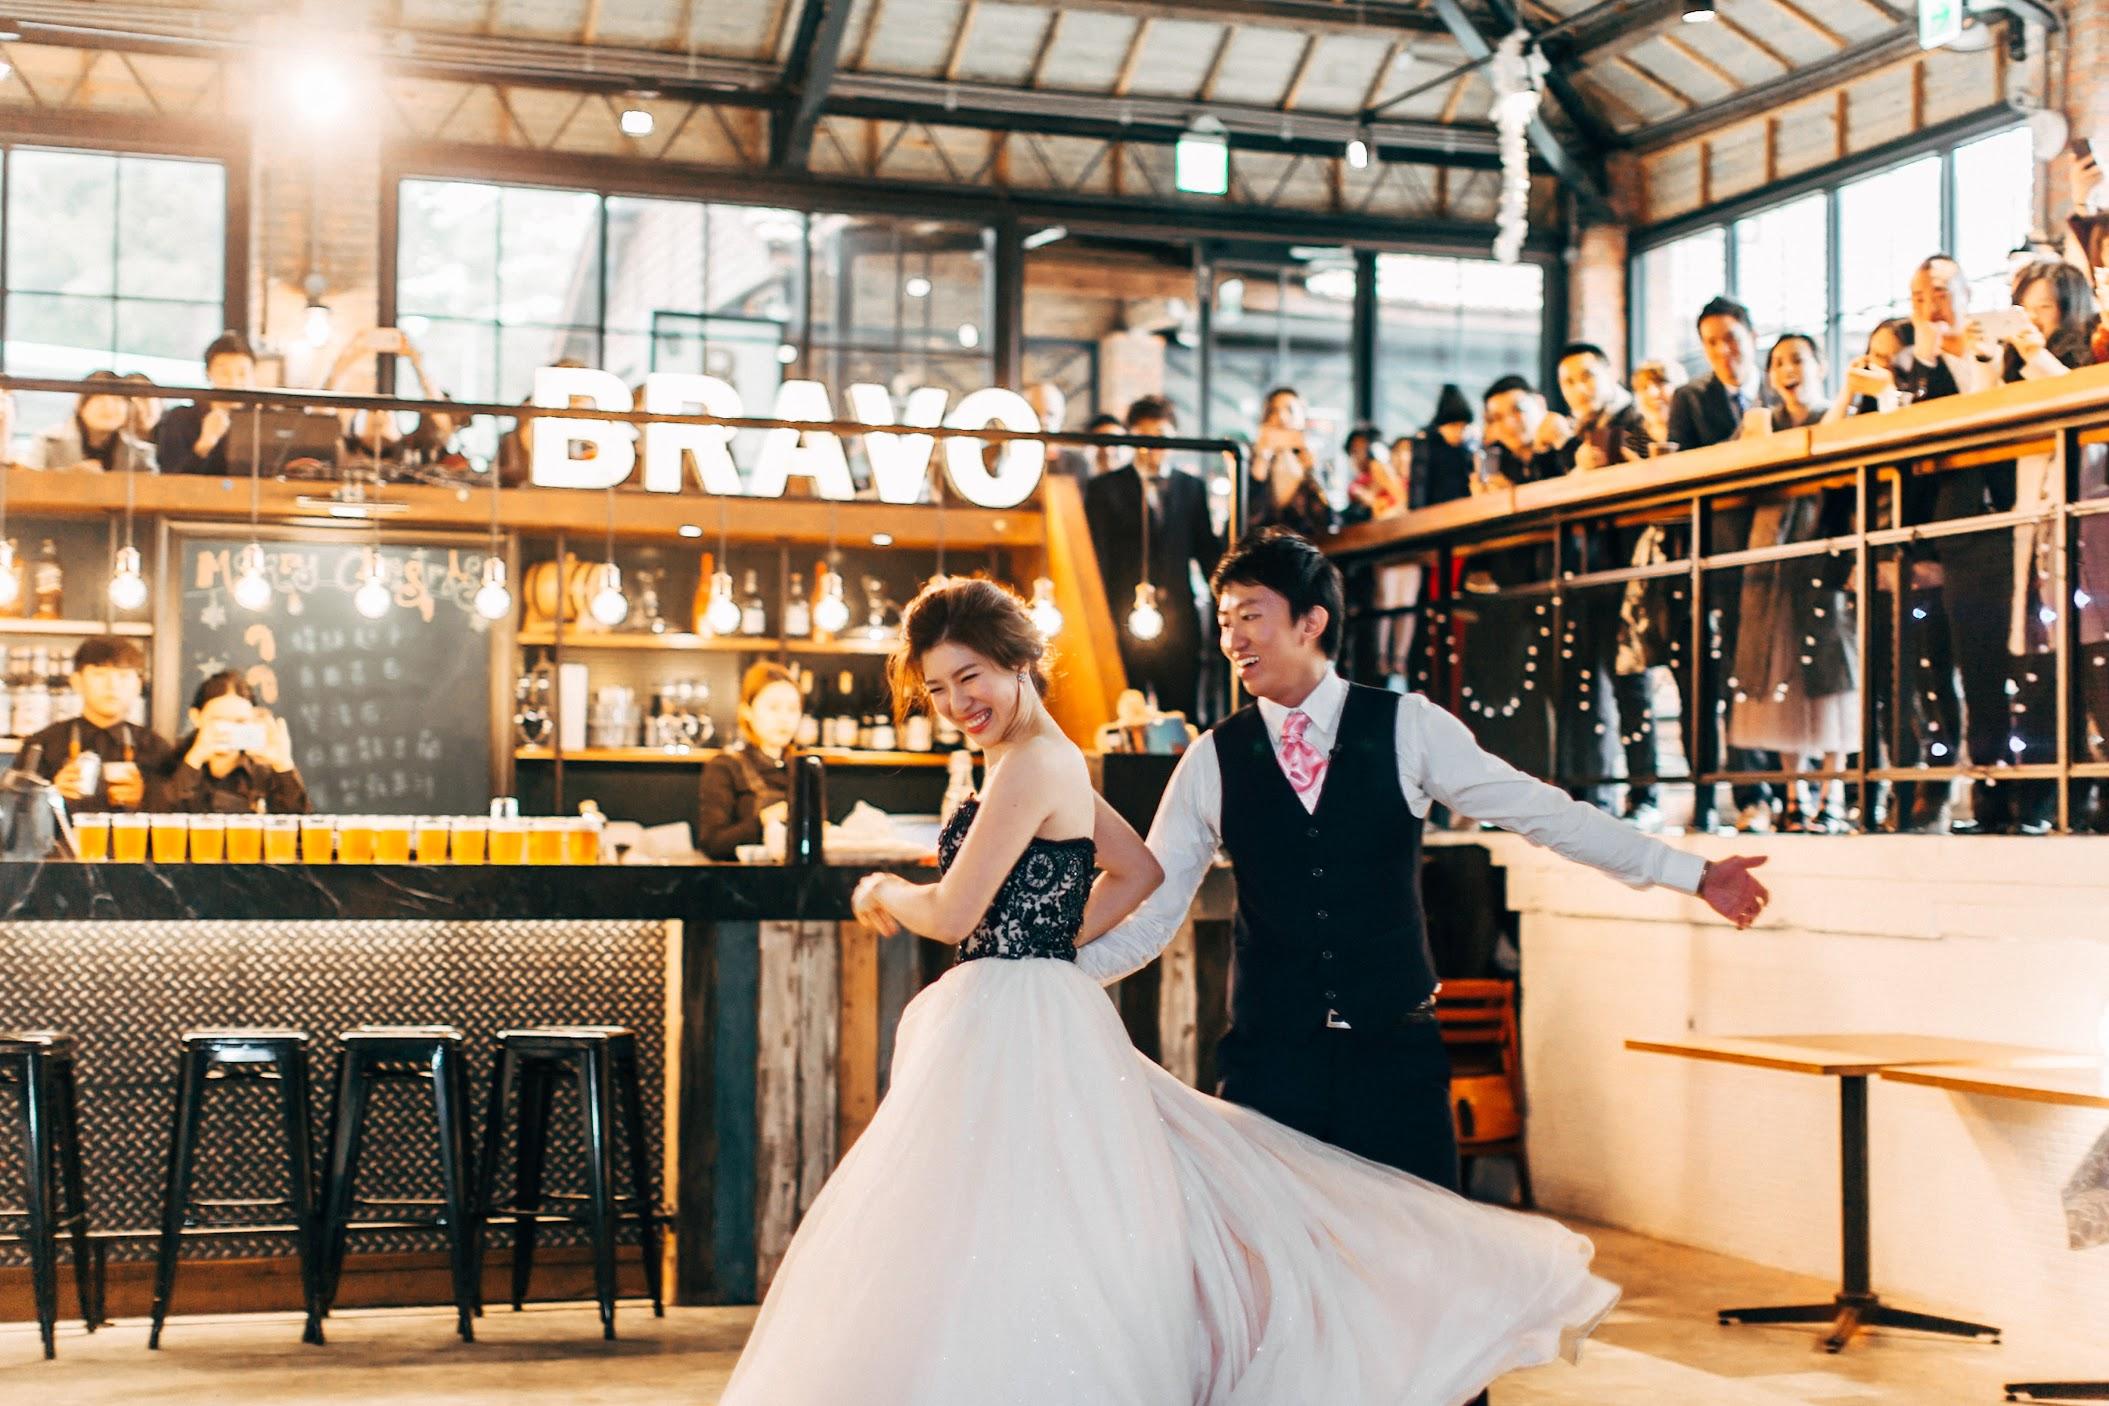 在 台北陽明山 的 美軍俱樂部婚禮 場地舉行陽光正好的戶外婚禮 , 是每位新娘夢寐以求的西式婚禮樣式!